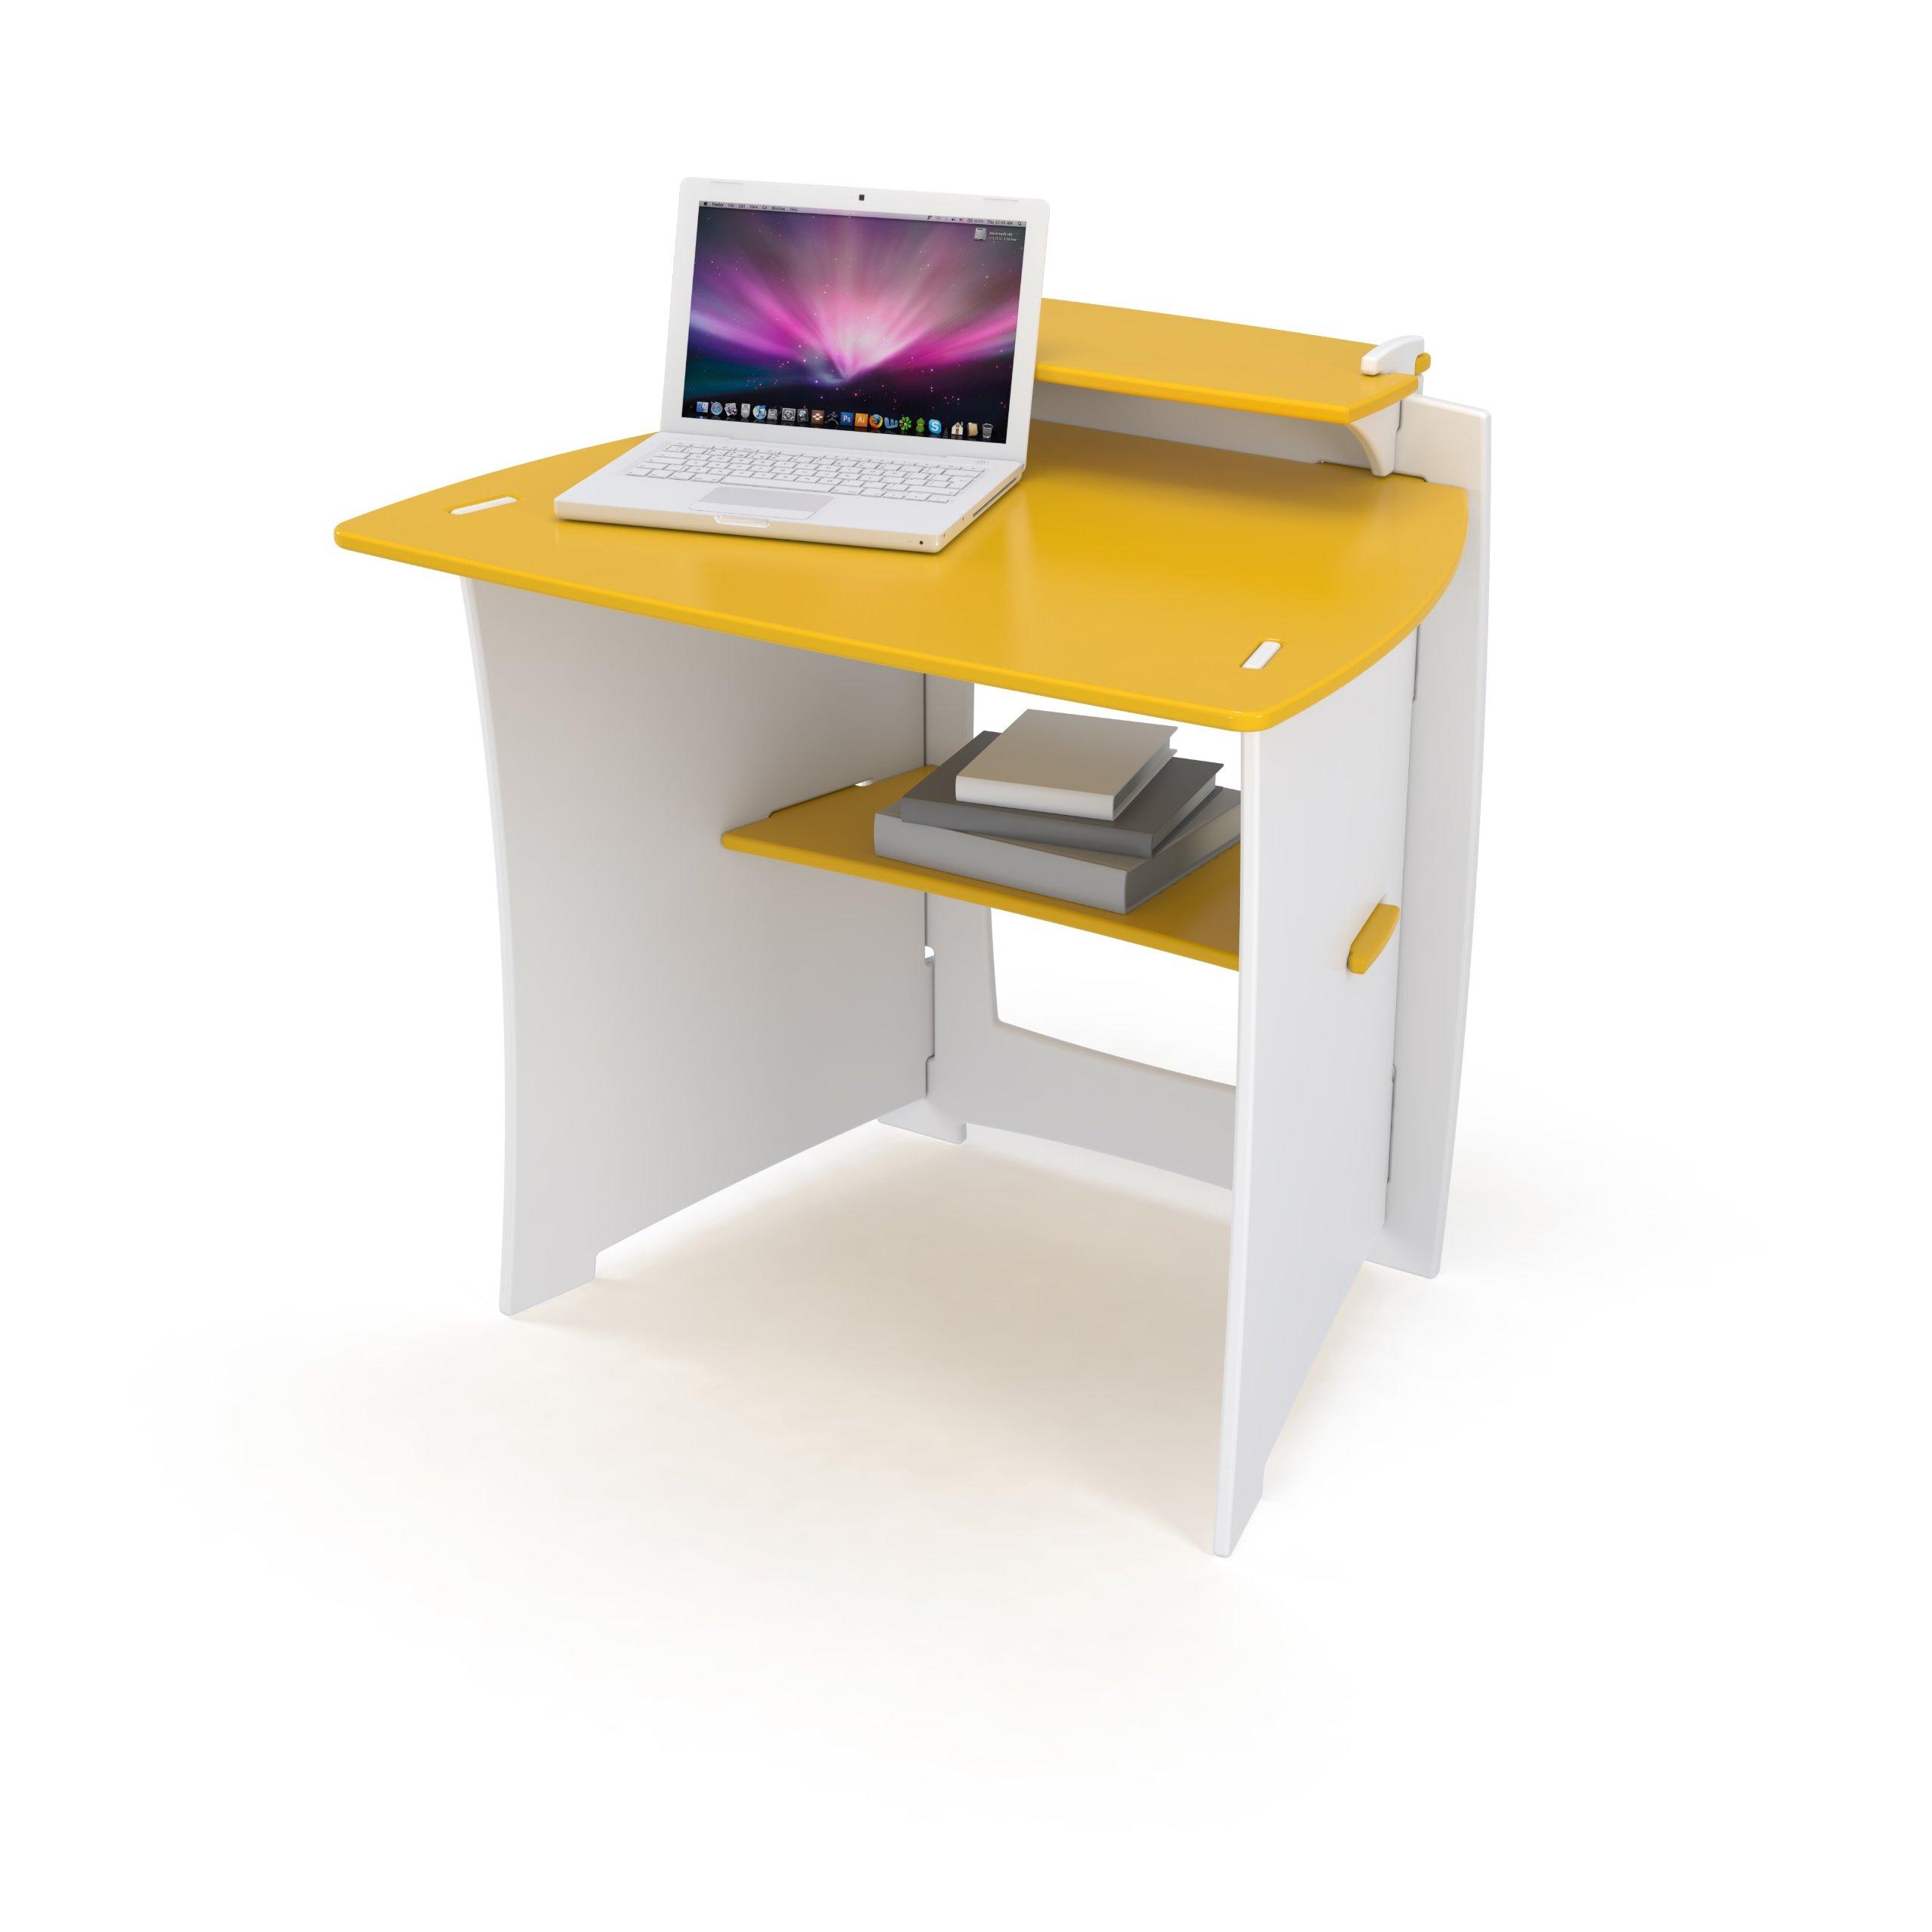 Legare 34-Inch Kids' Desk, Yellow and White